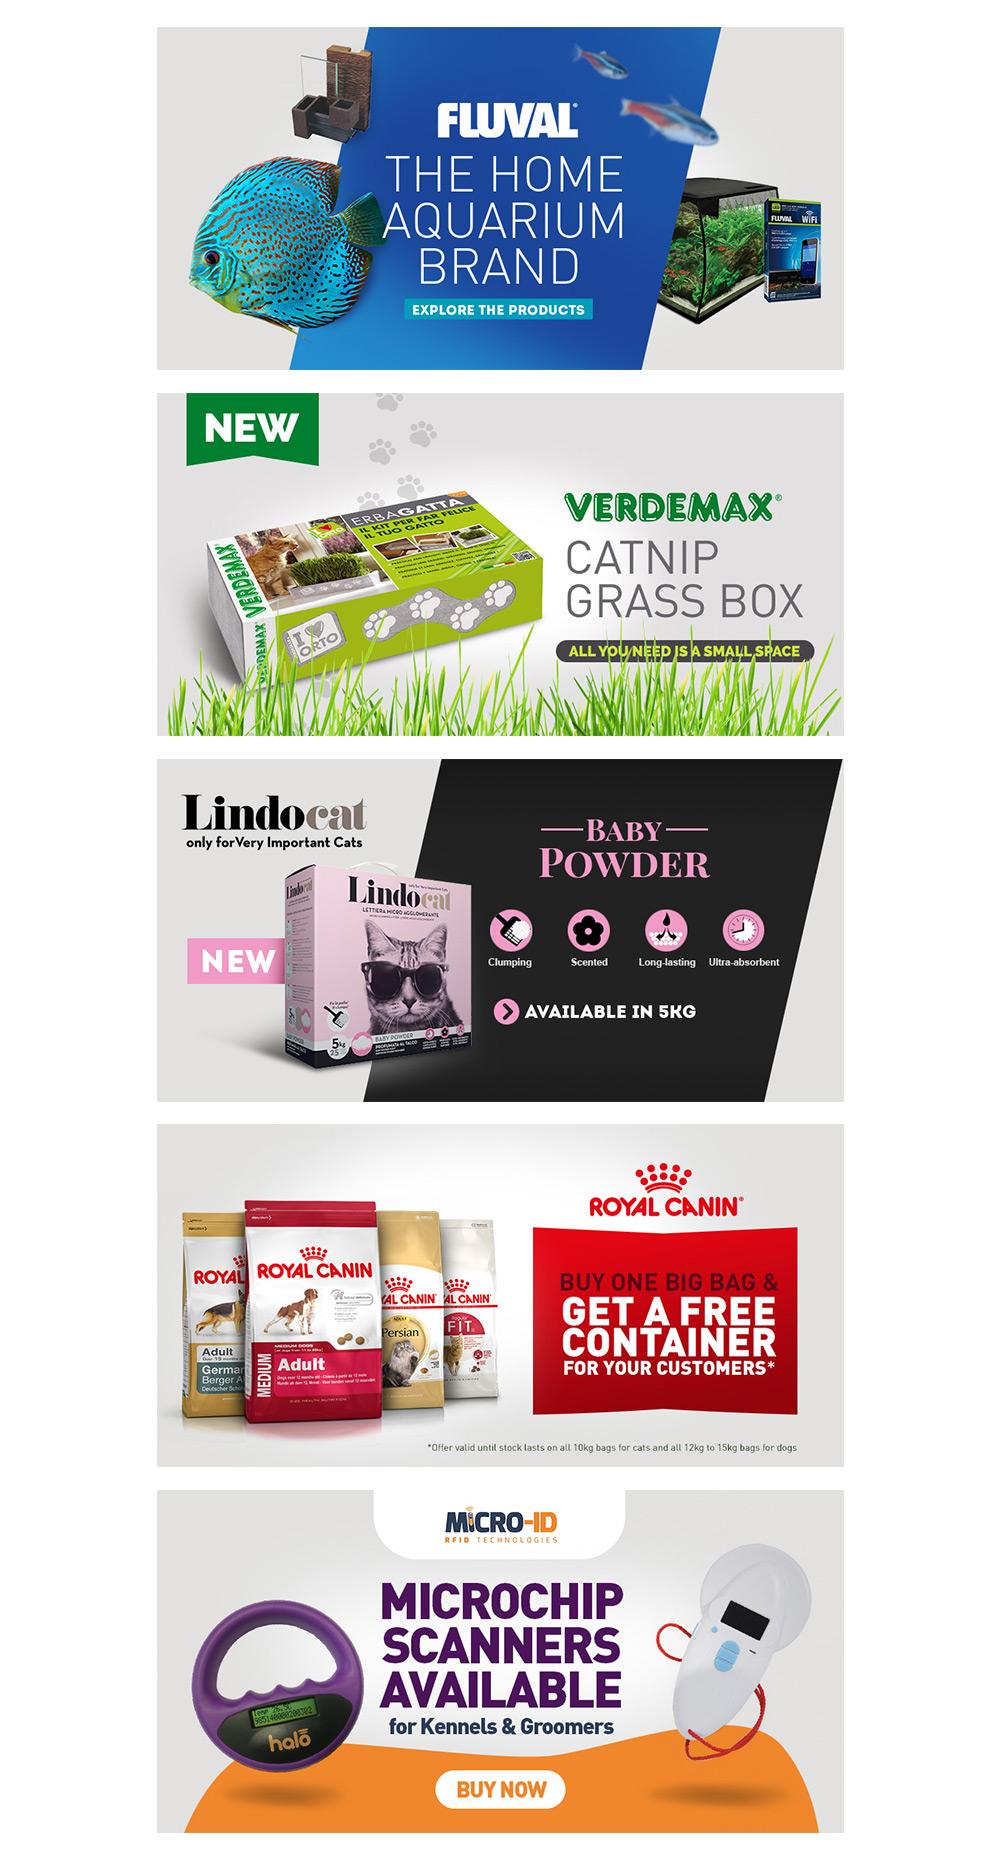 bannières promotionnelles pour e-commerce Saint Vincent Group SVG